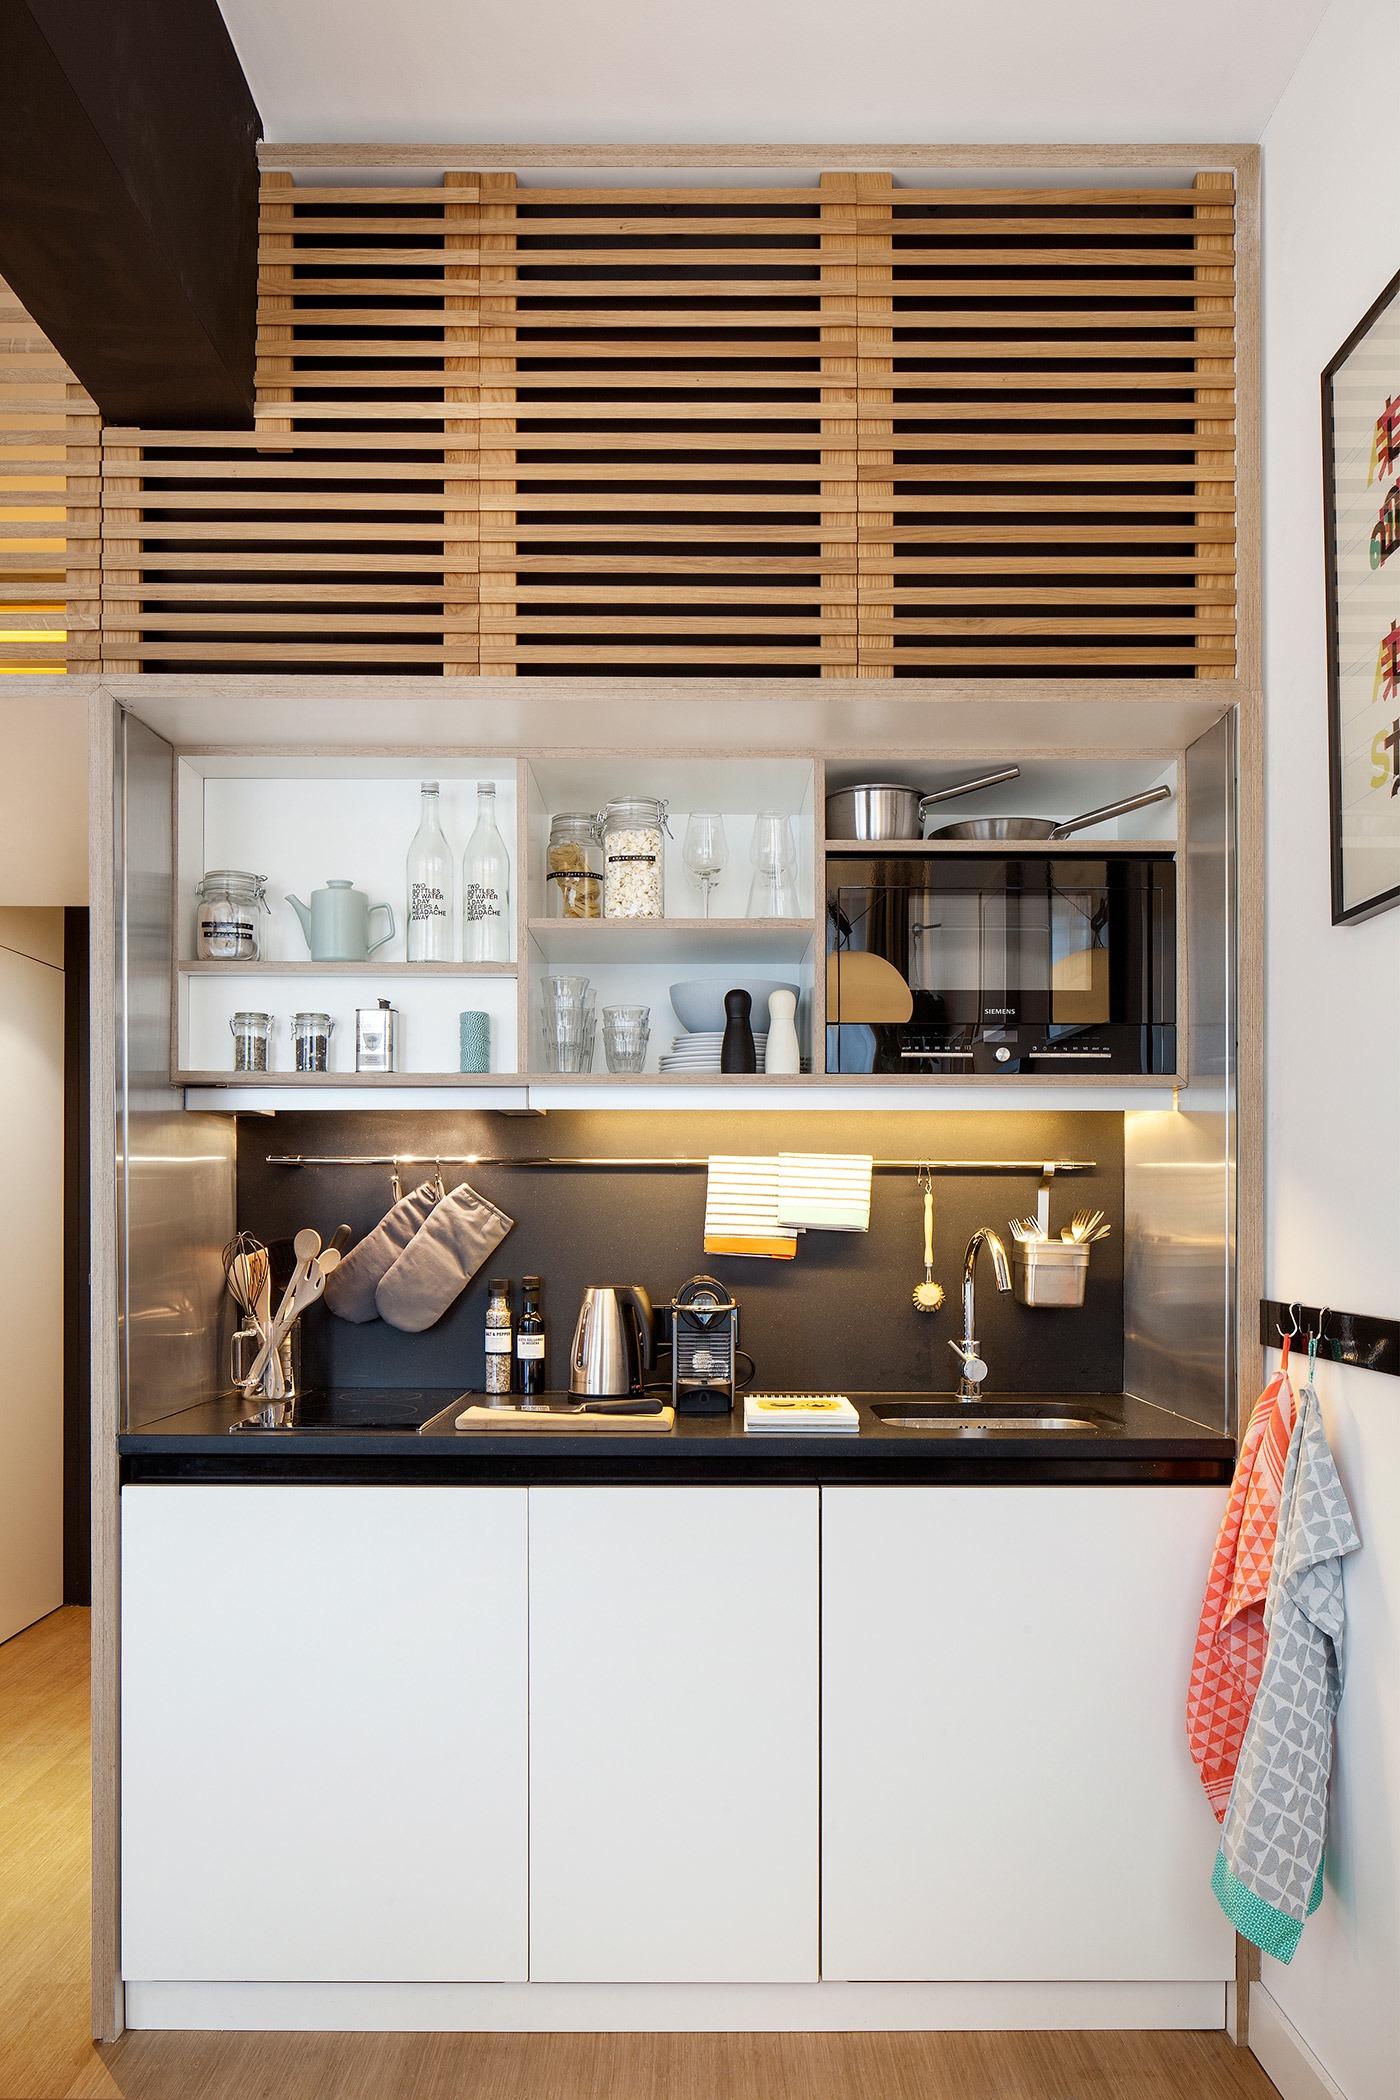 Деревянная решётка над кухонным гарнитуром